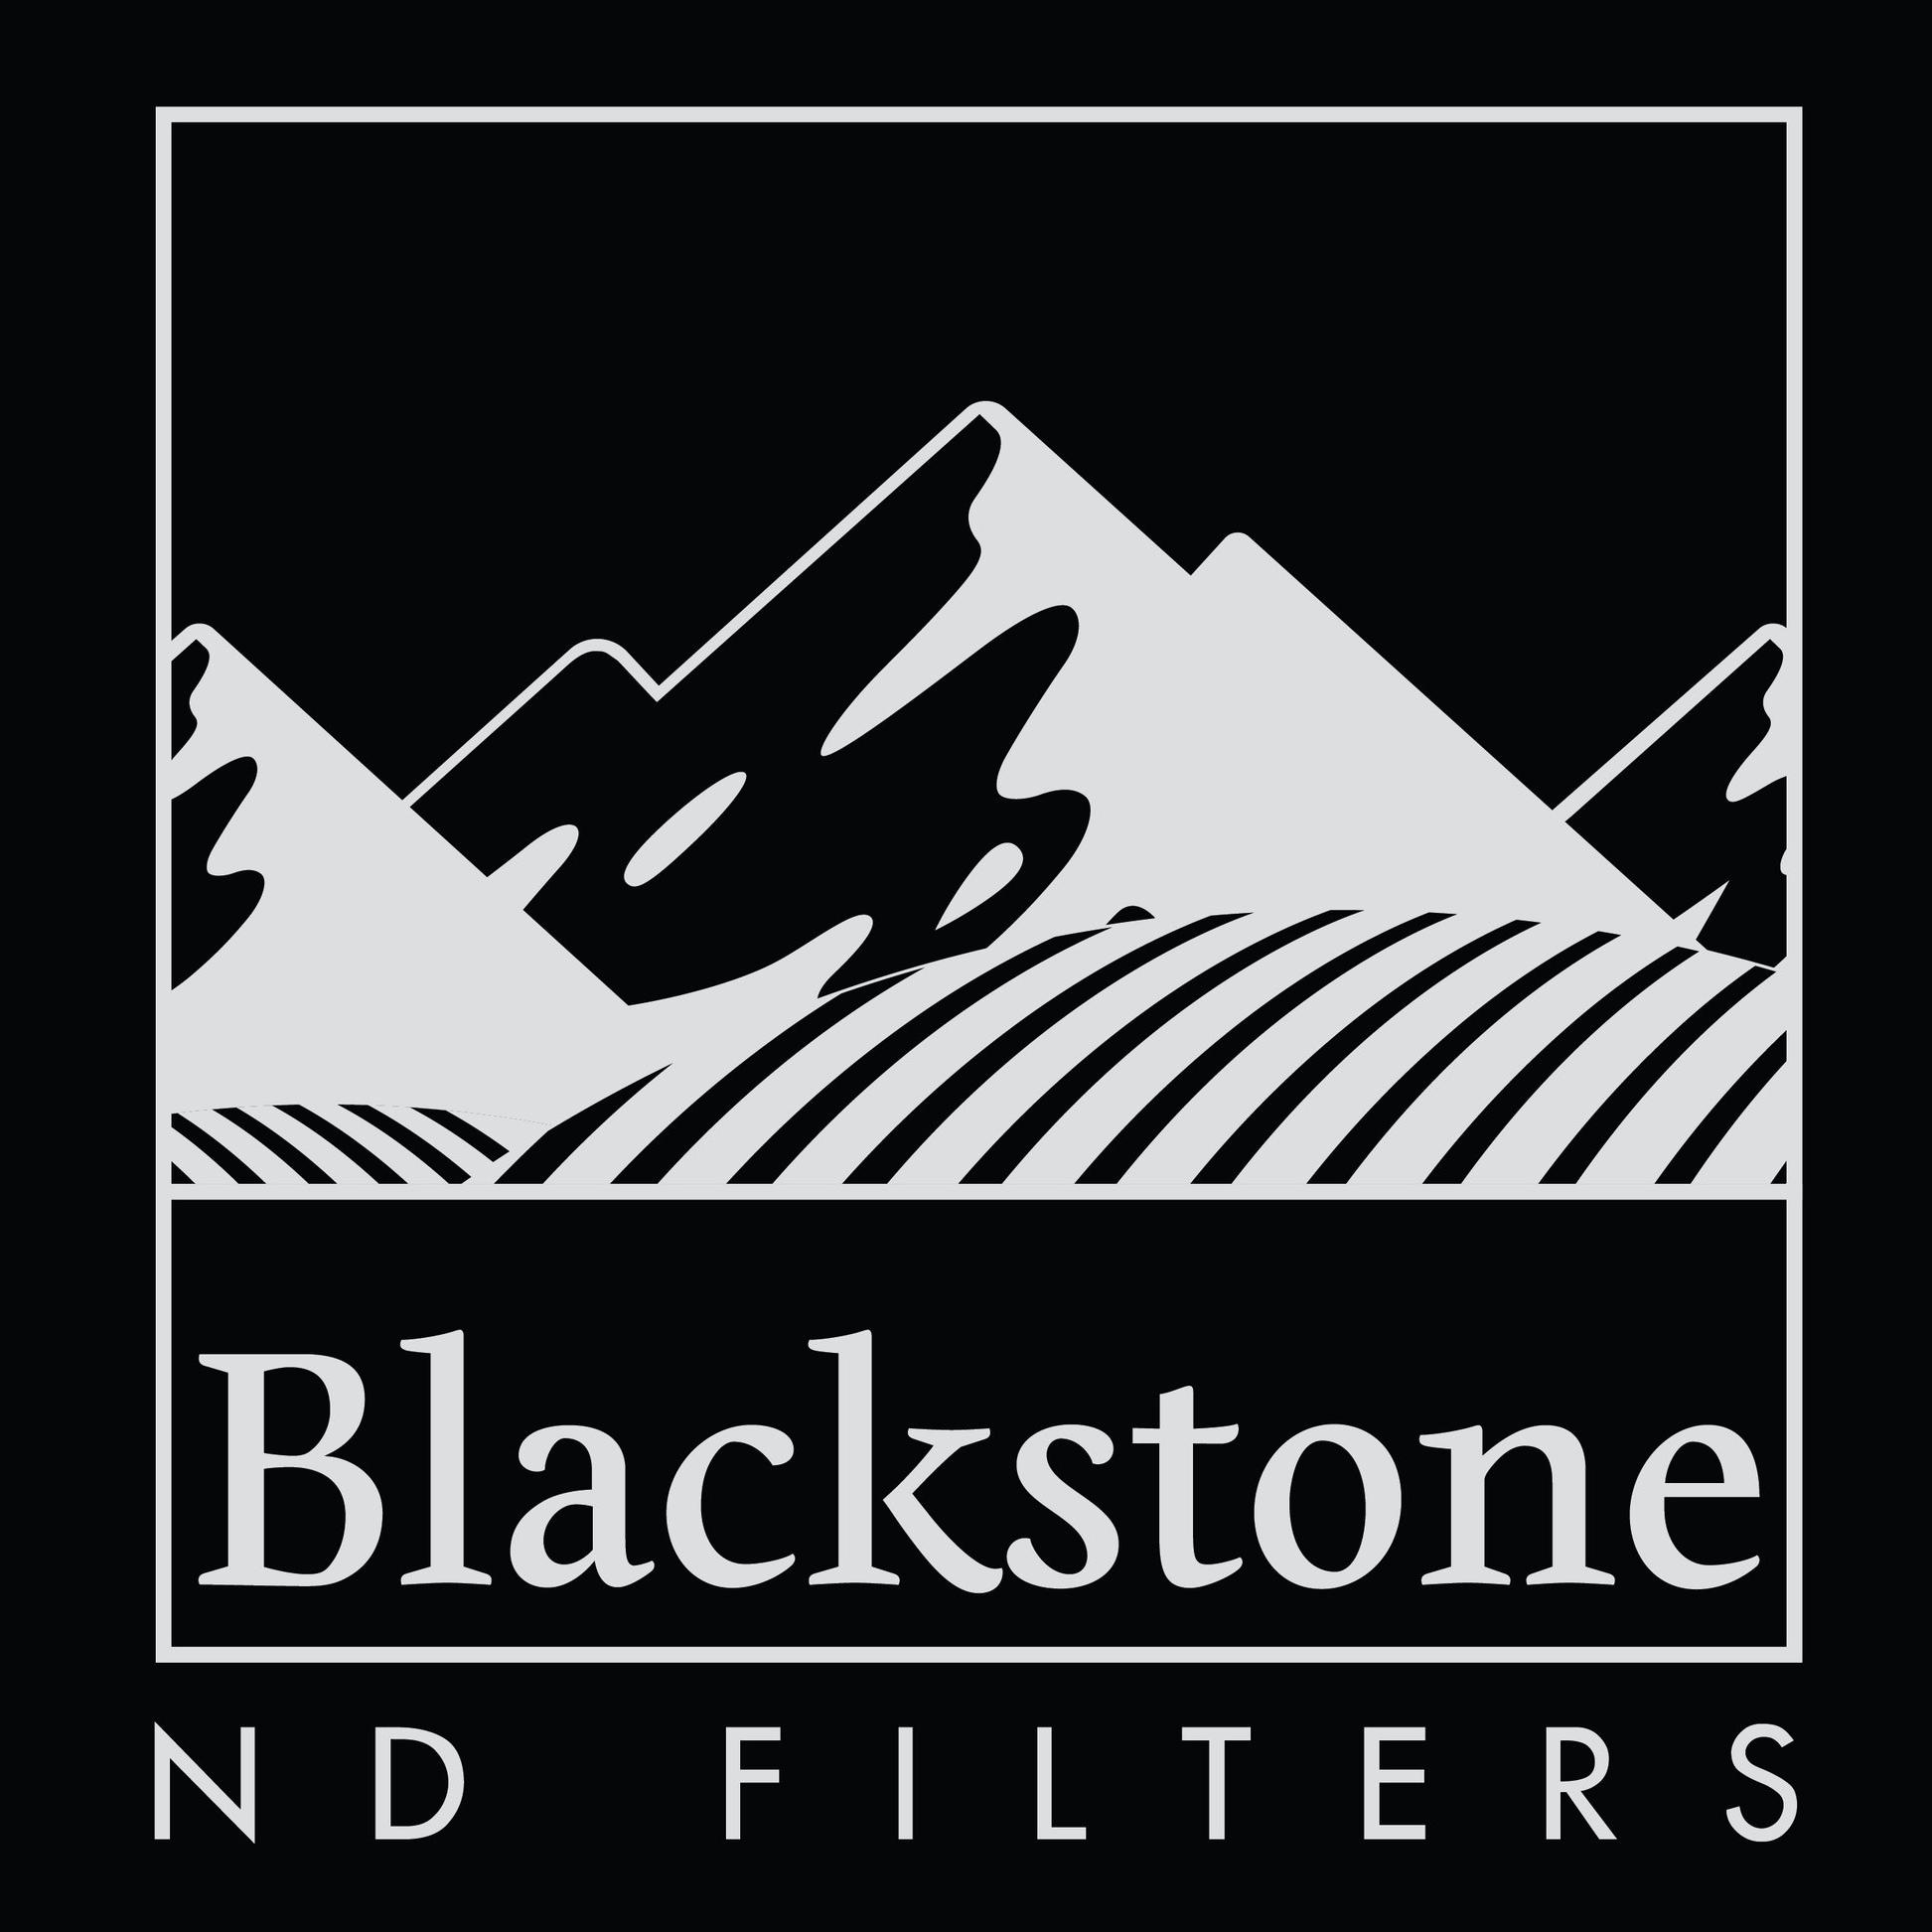 blackstone-nd-filters-ddd.jpg